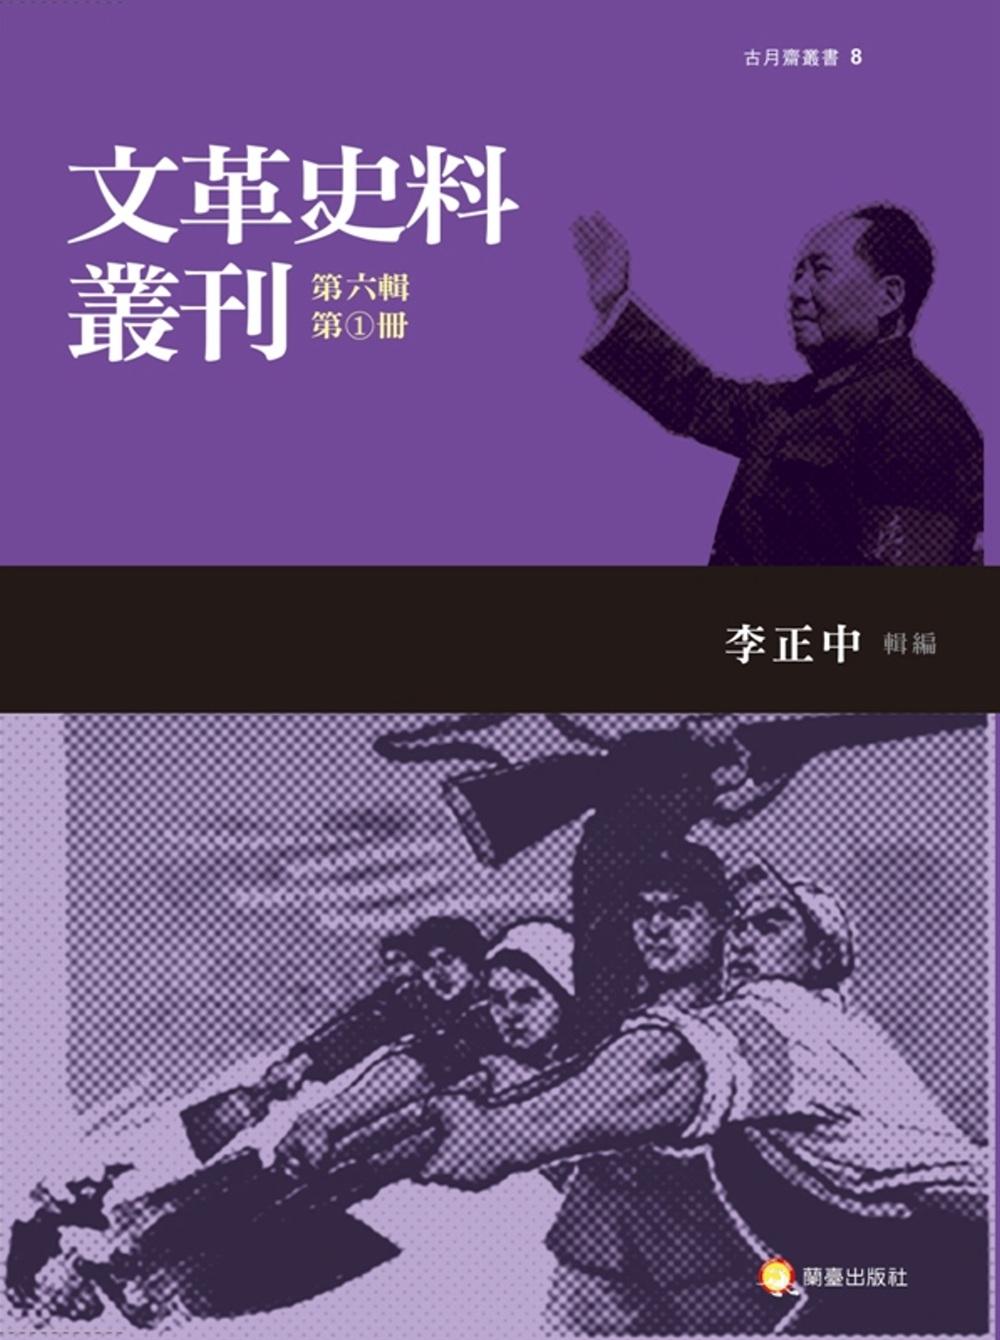 文革史料叢刊第六輯(共五冊)